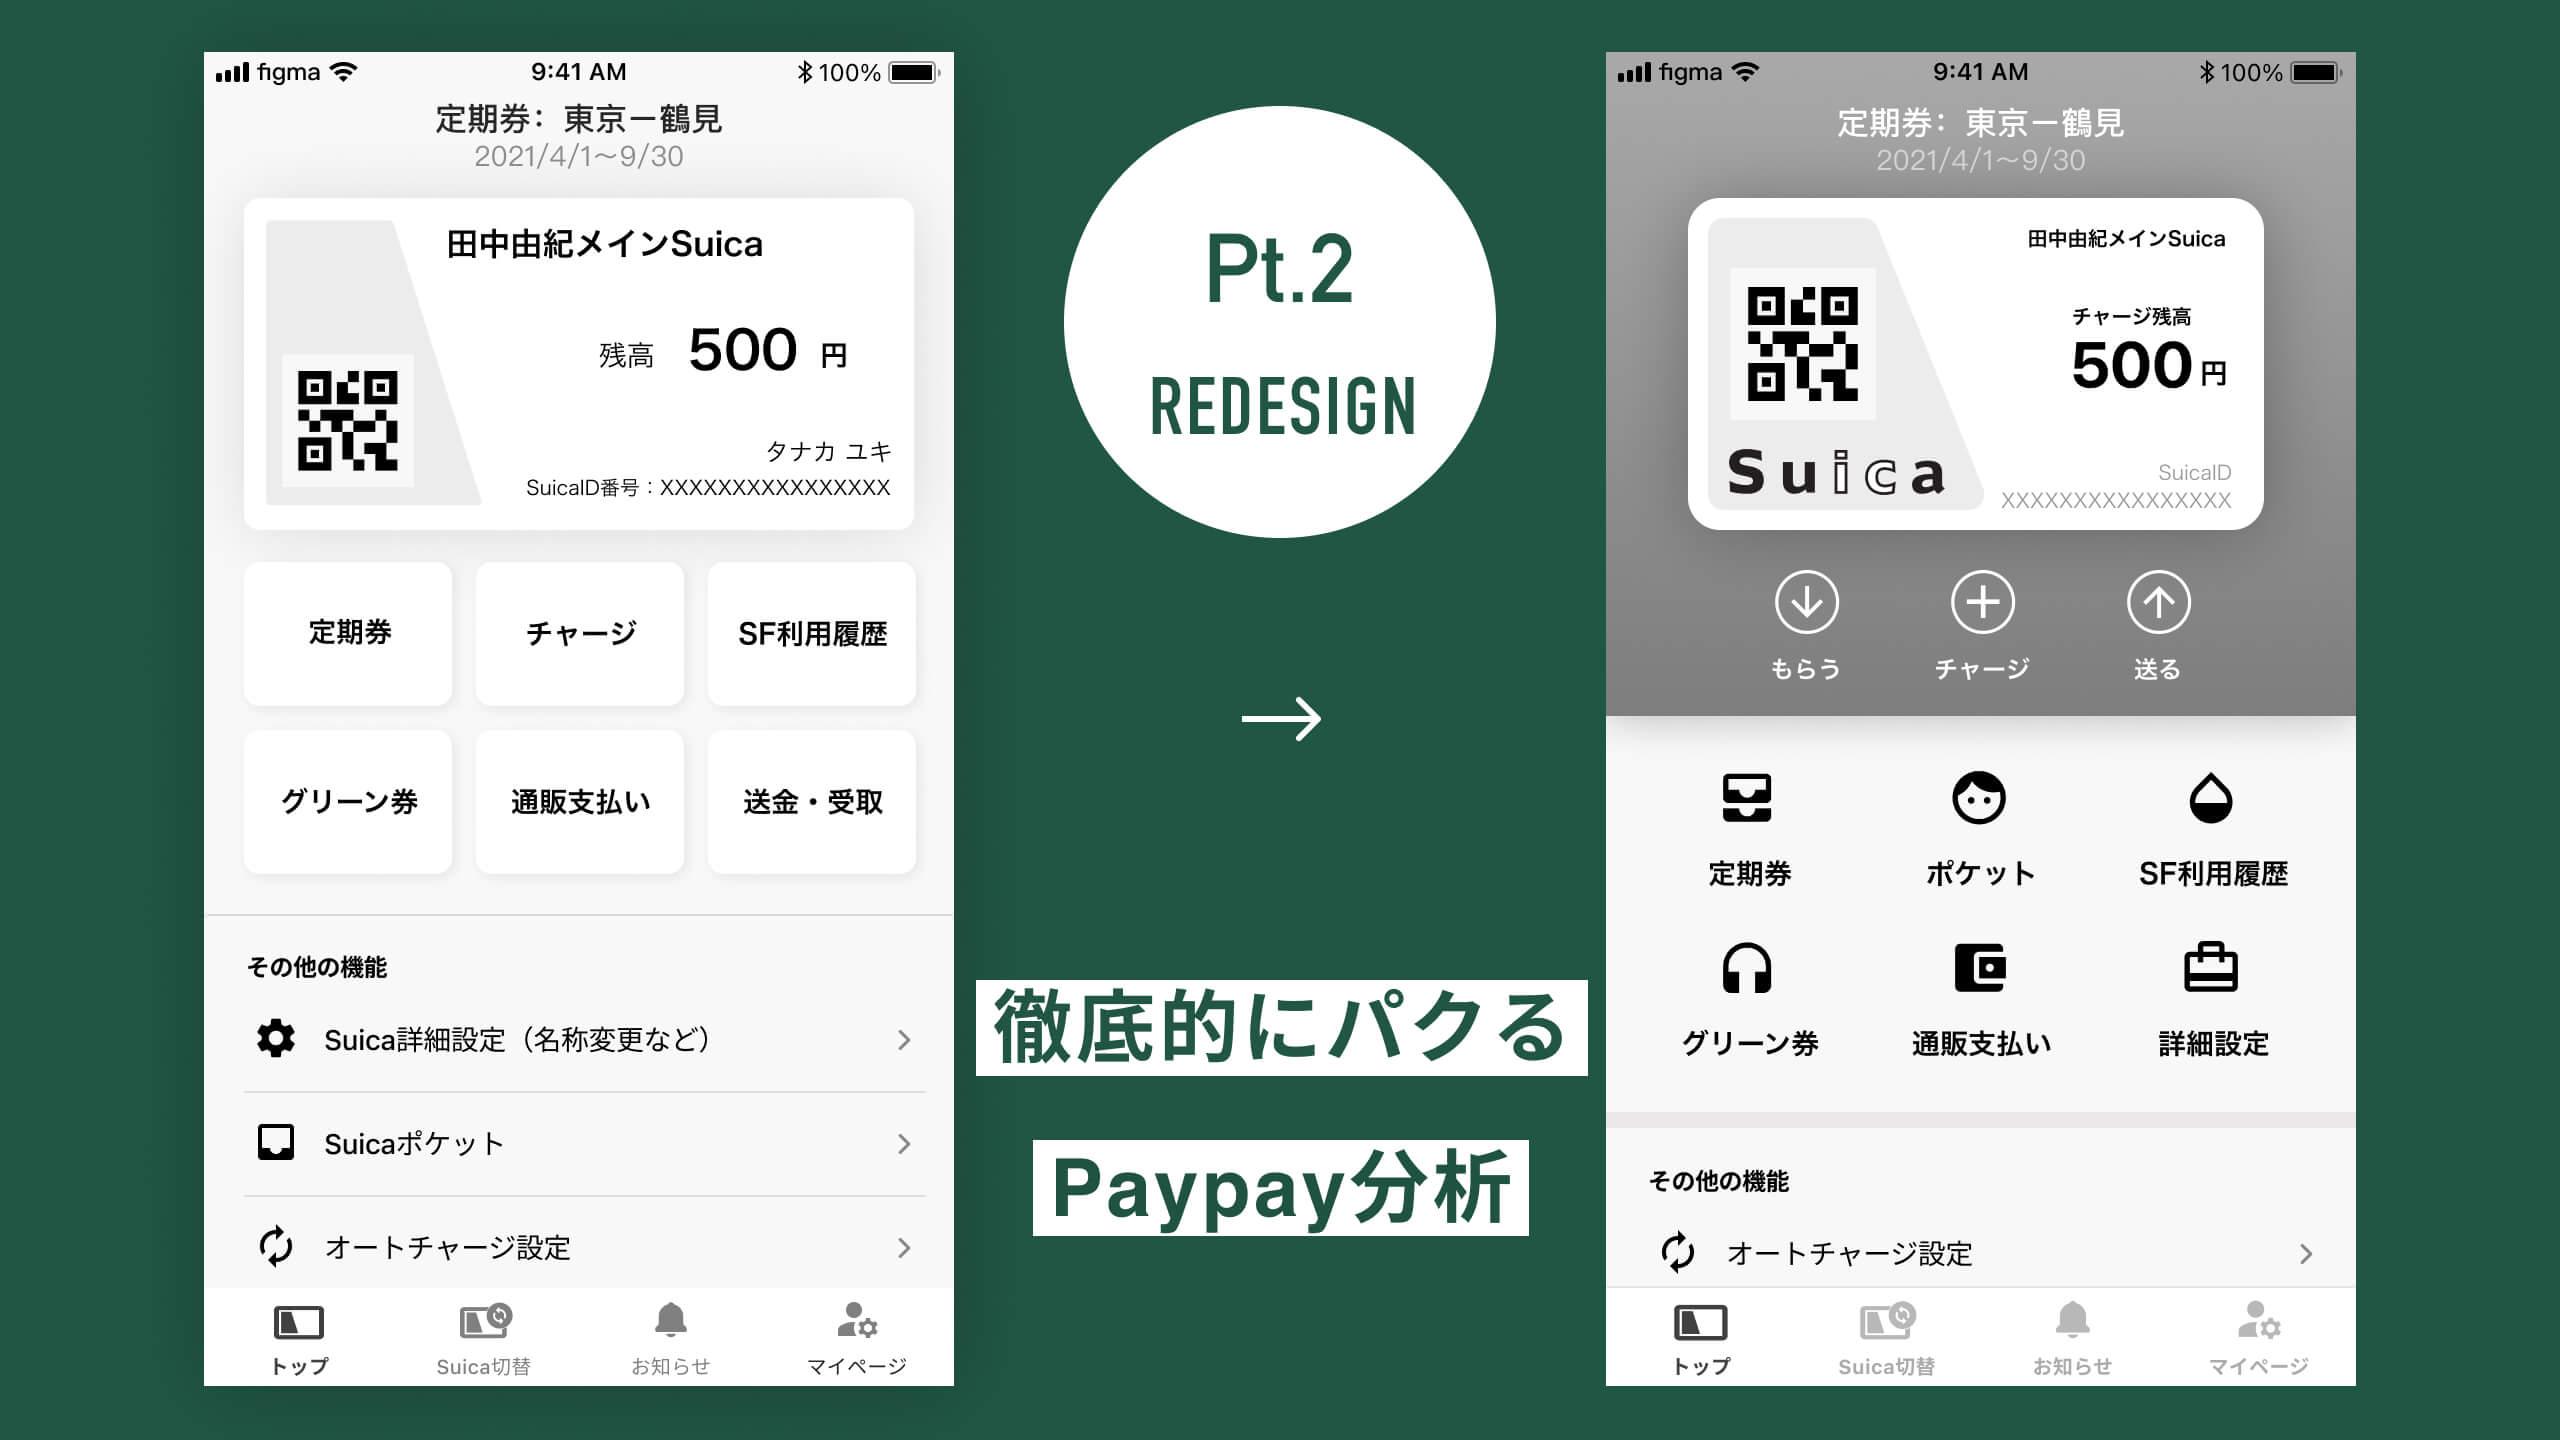 【ライブデザイン】SuicaのリデザインFB - 重要度を考えた時のレイアウトとはpart.2